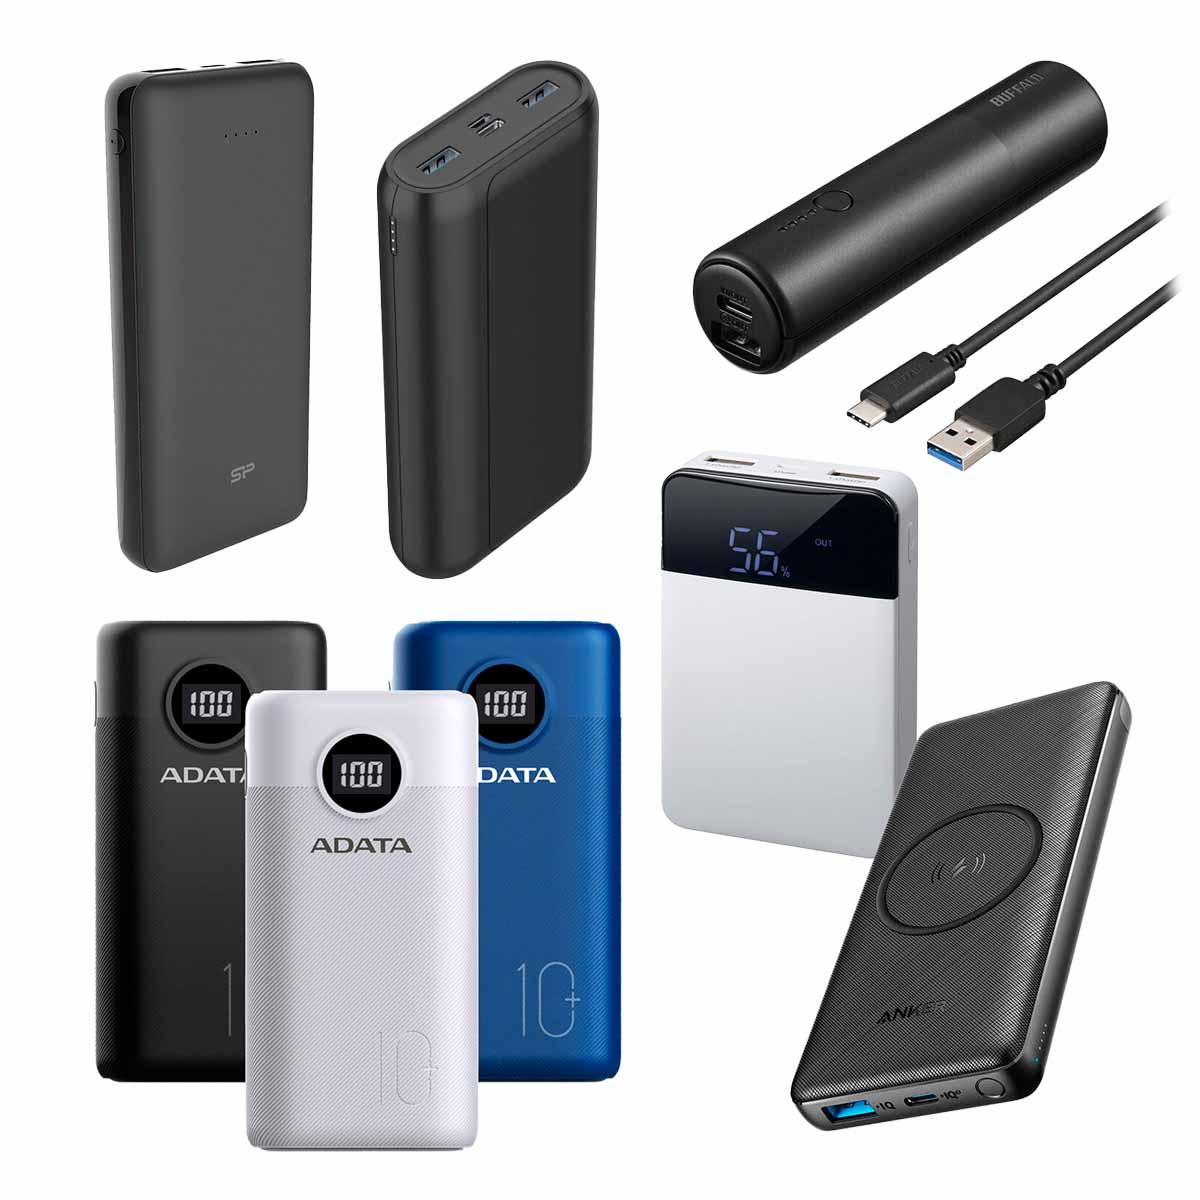 《2019年》失敗しないモバイルバッテリーの選び方、そしておすすめ8製品